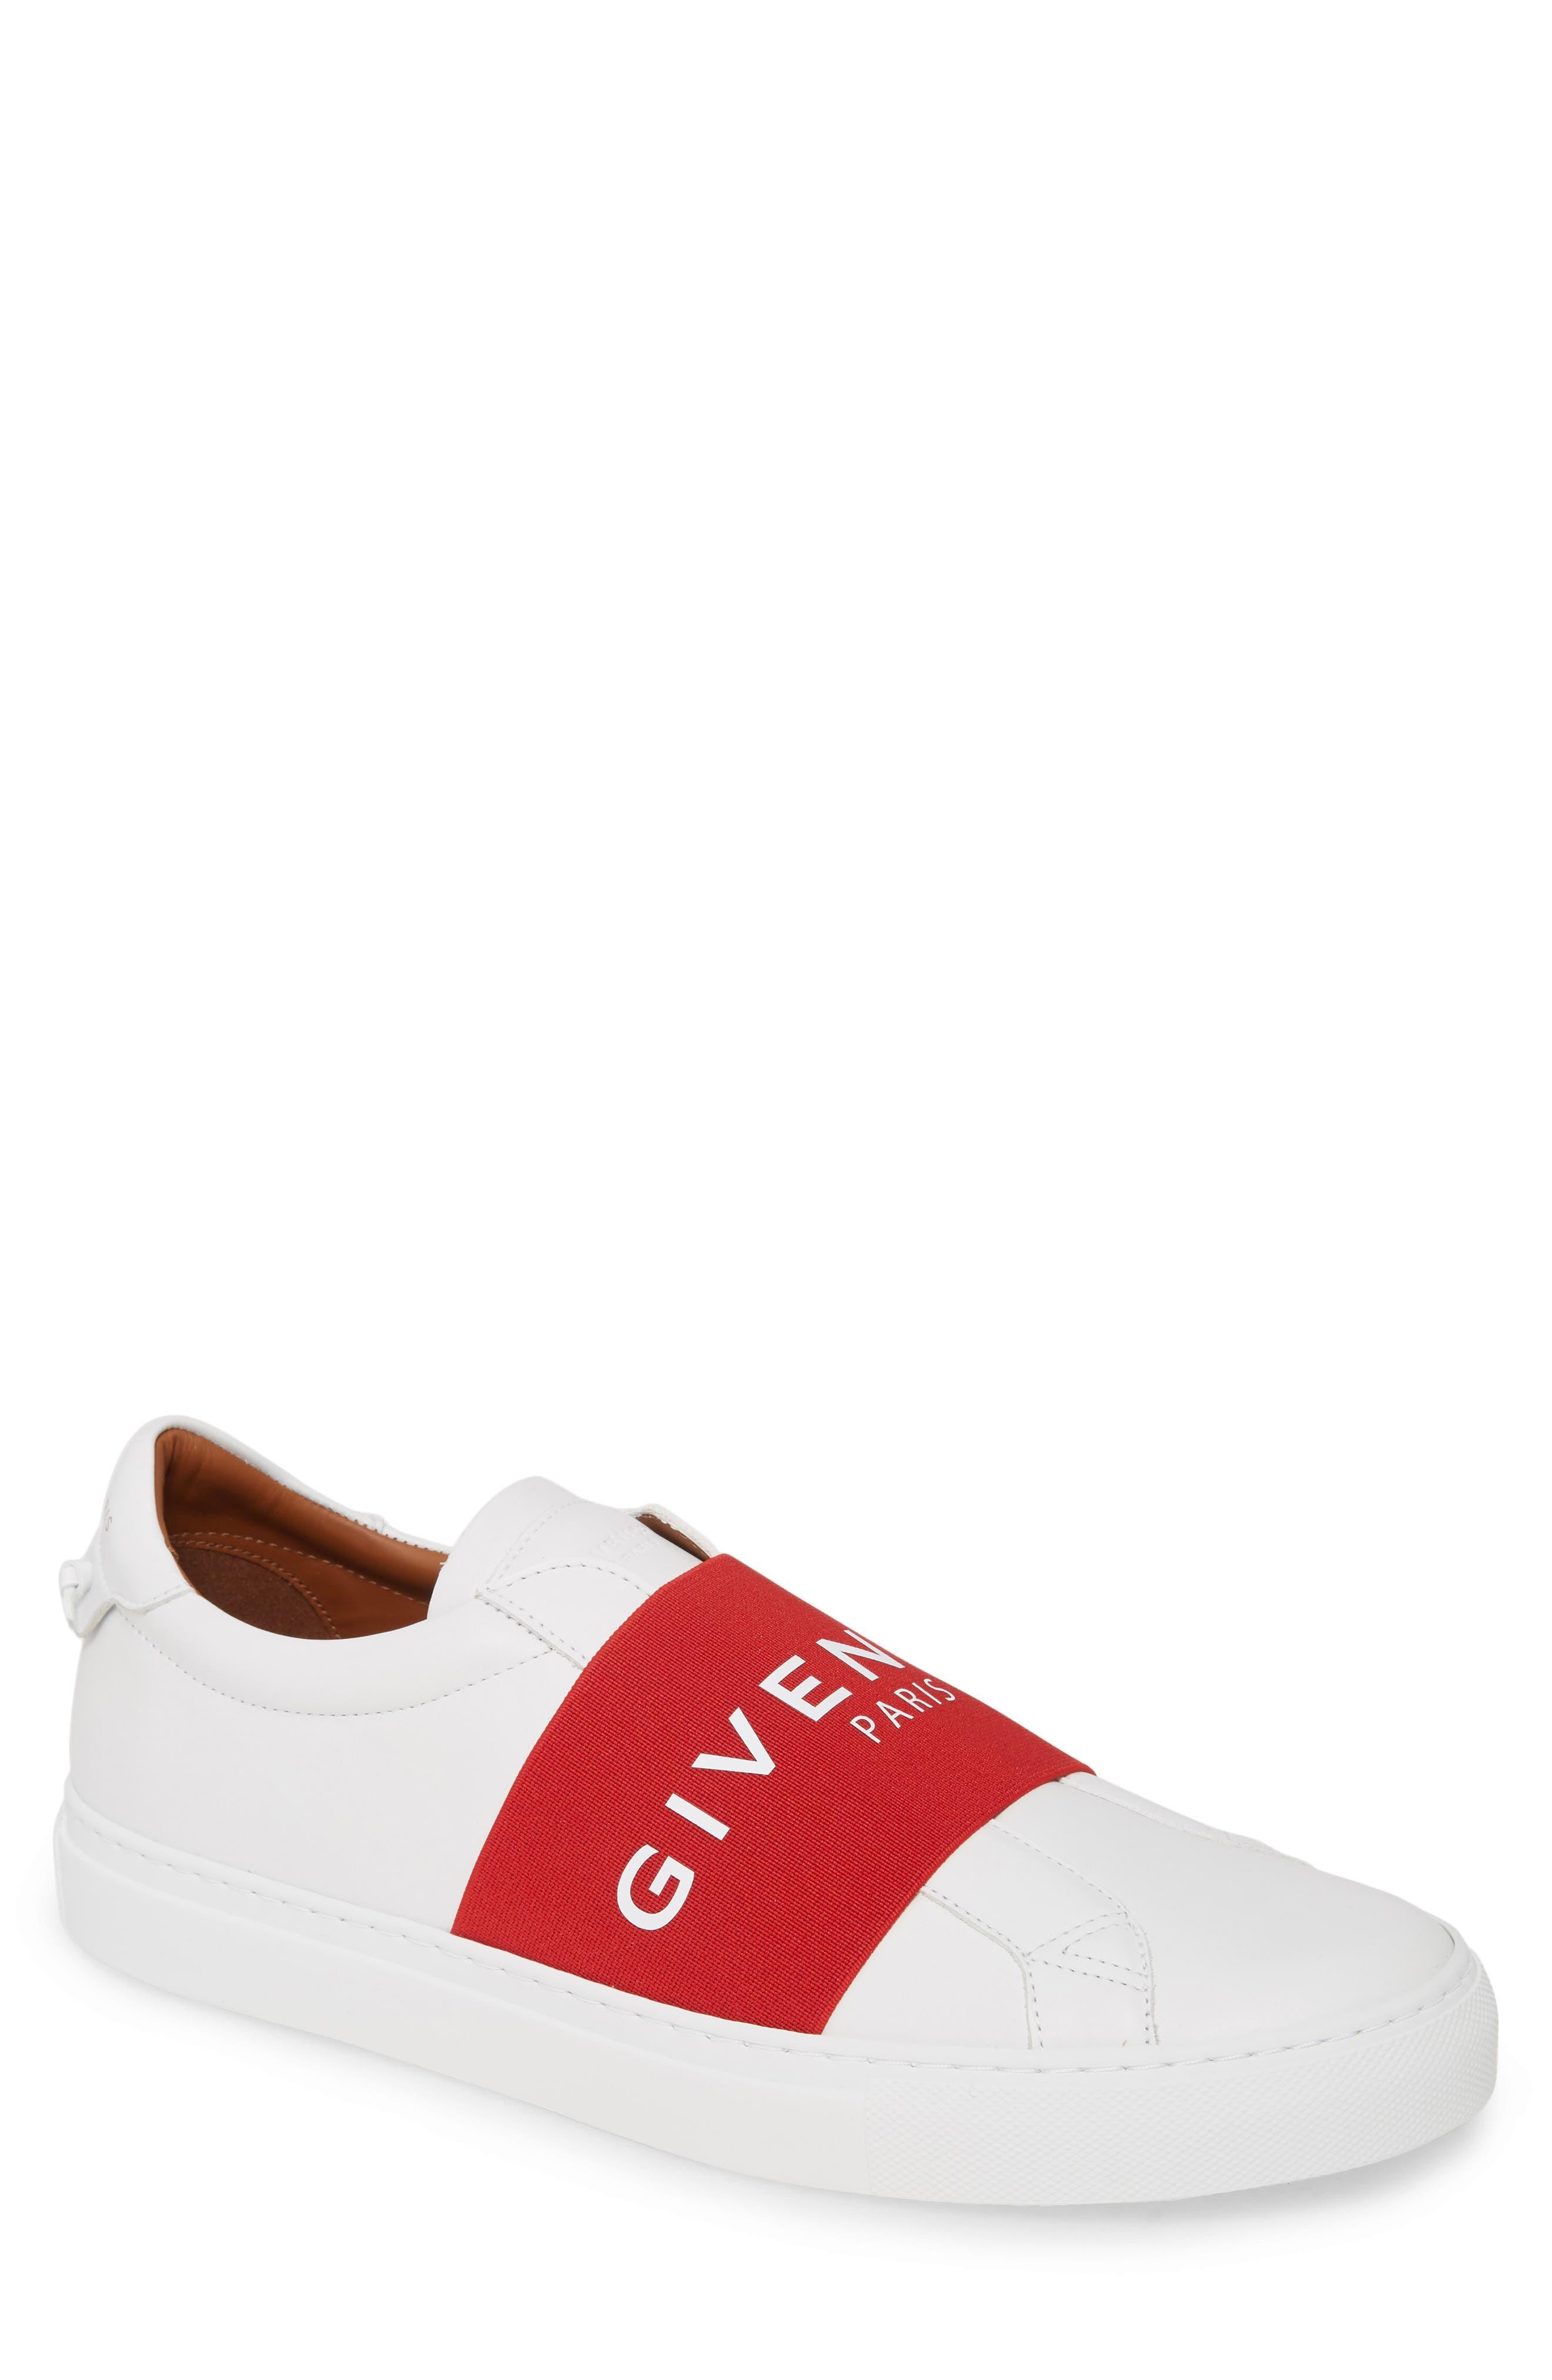 Men's Givenchy Shoes Nordstrom  Nordstrom